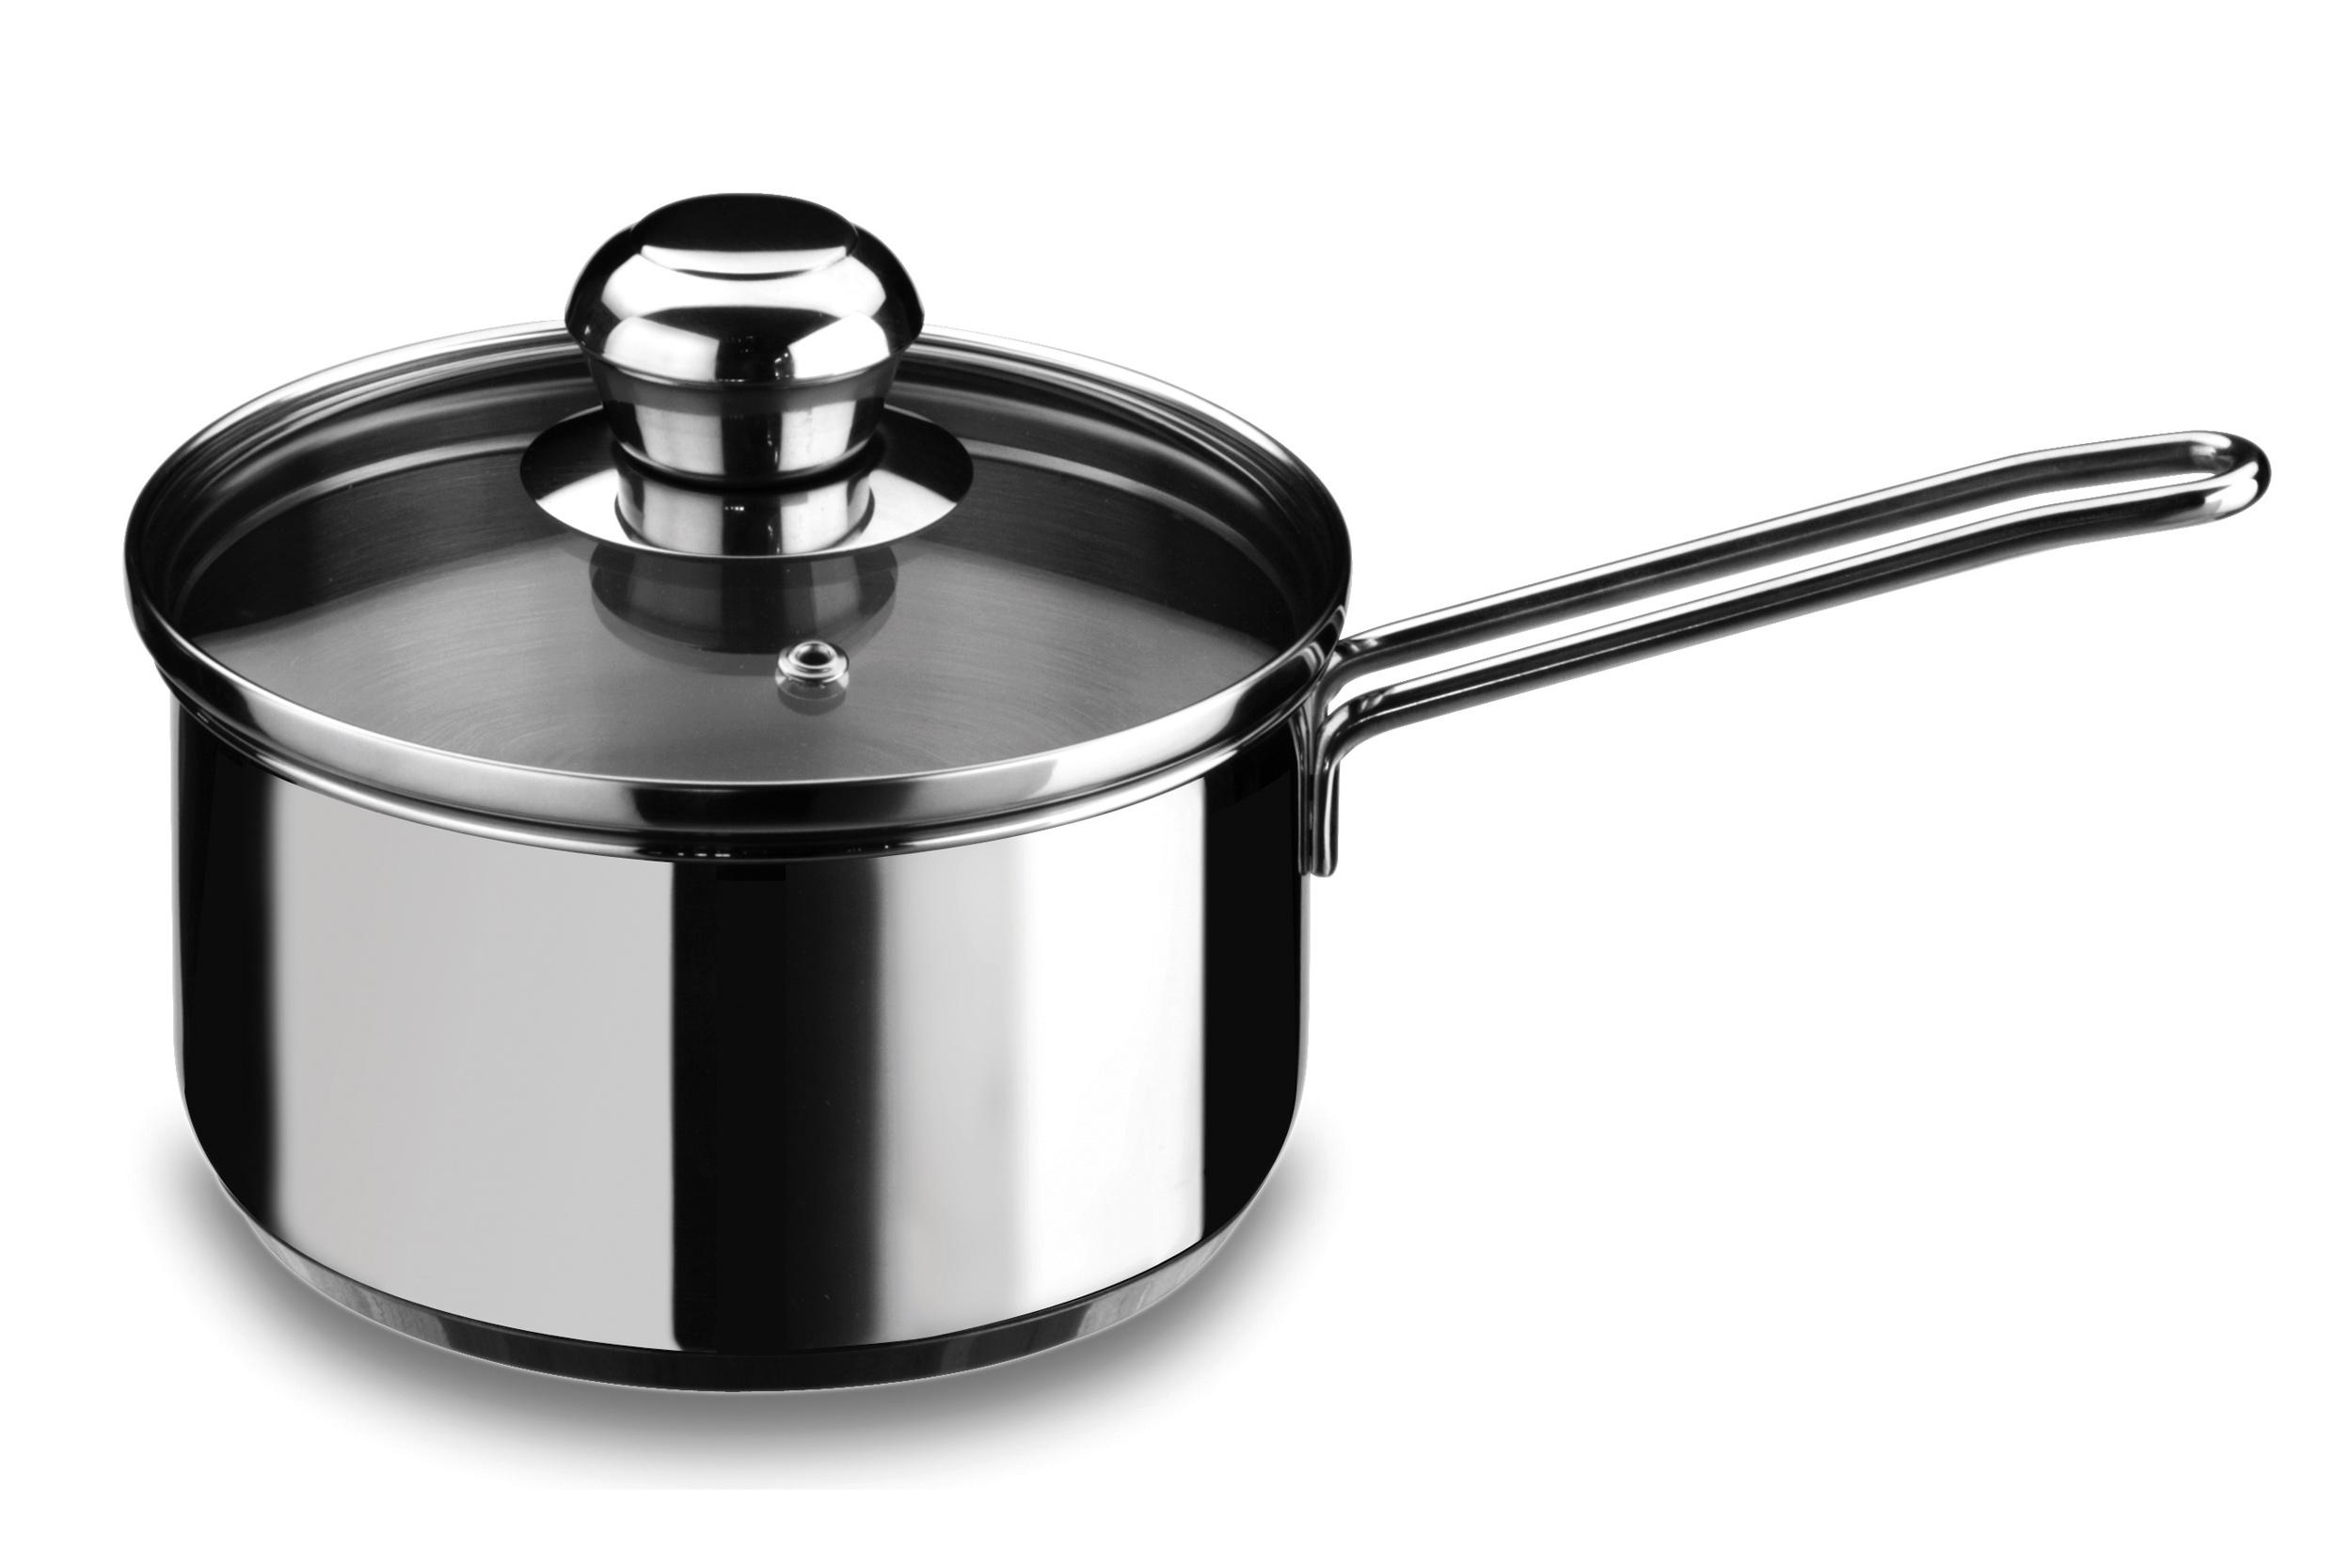 Keuken > Kookgerei > Pannen